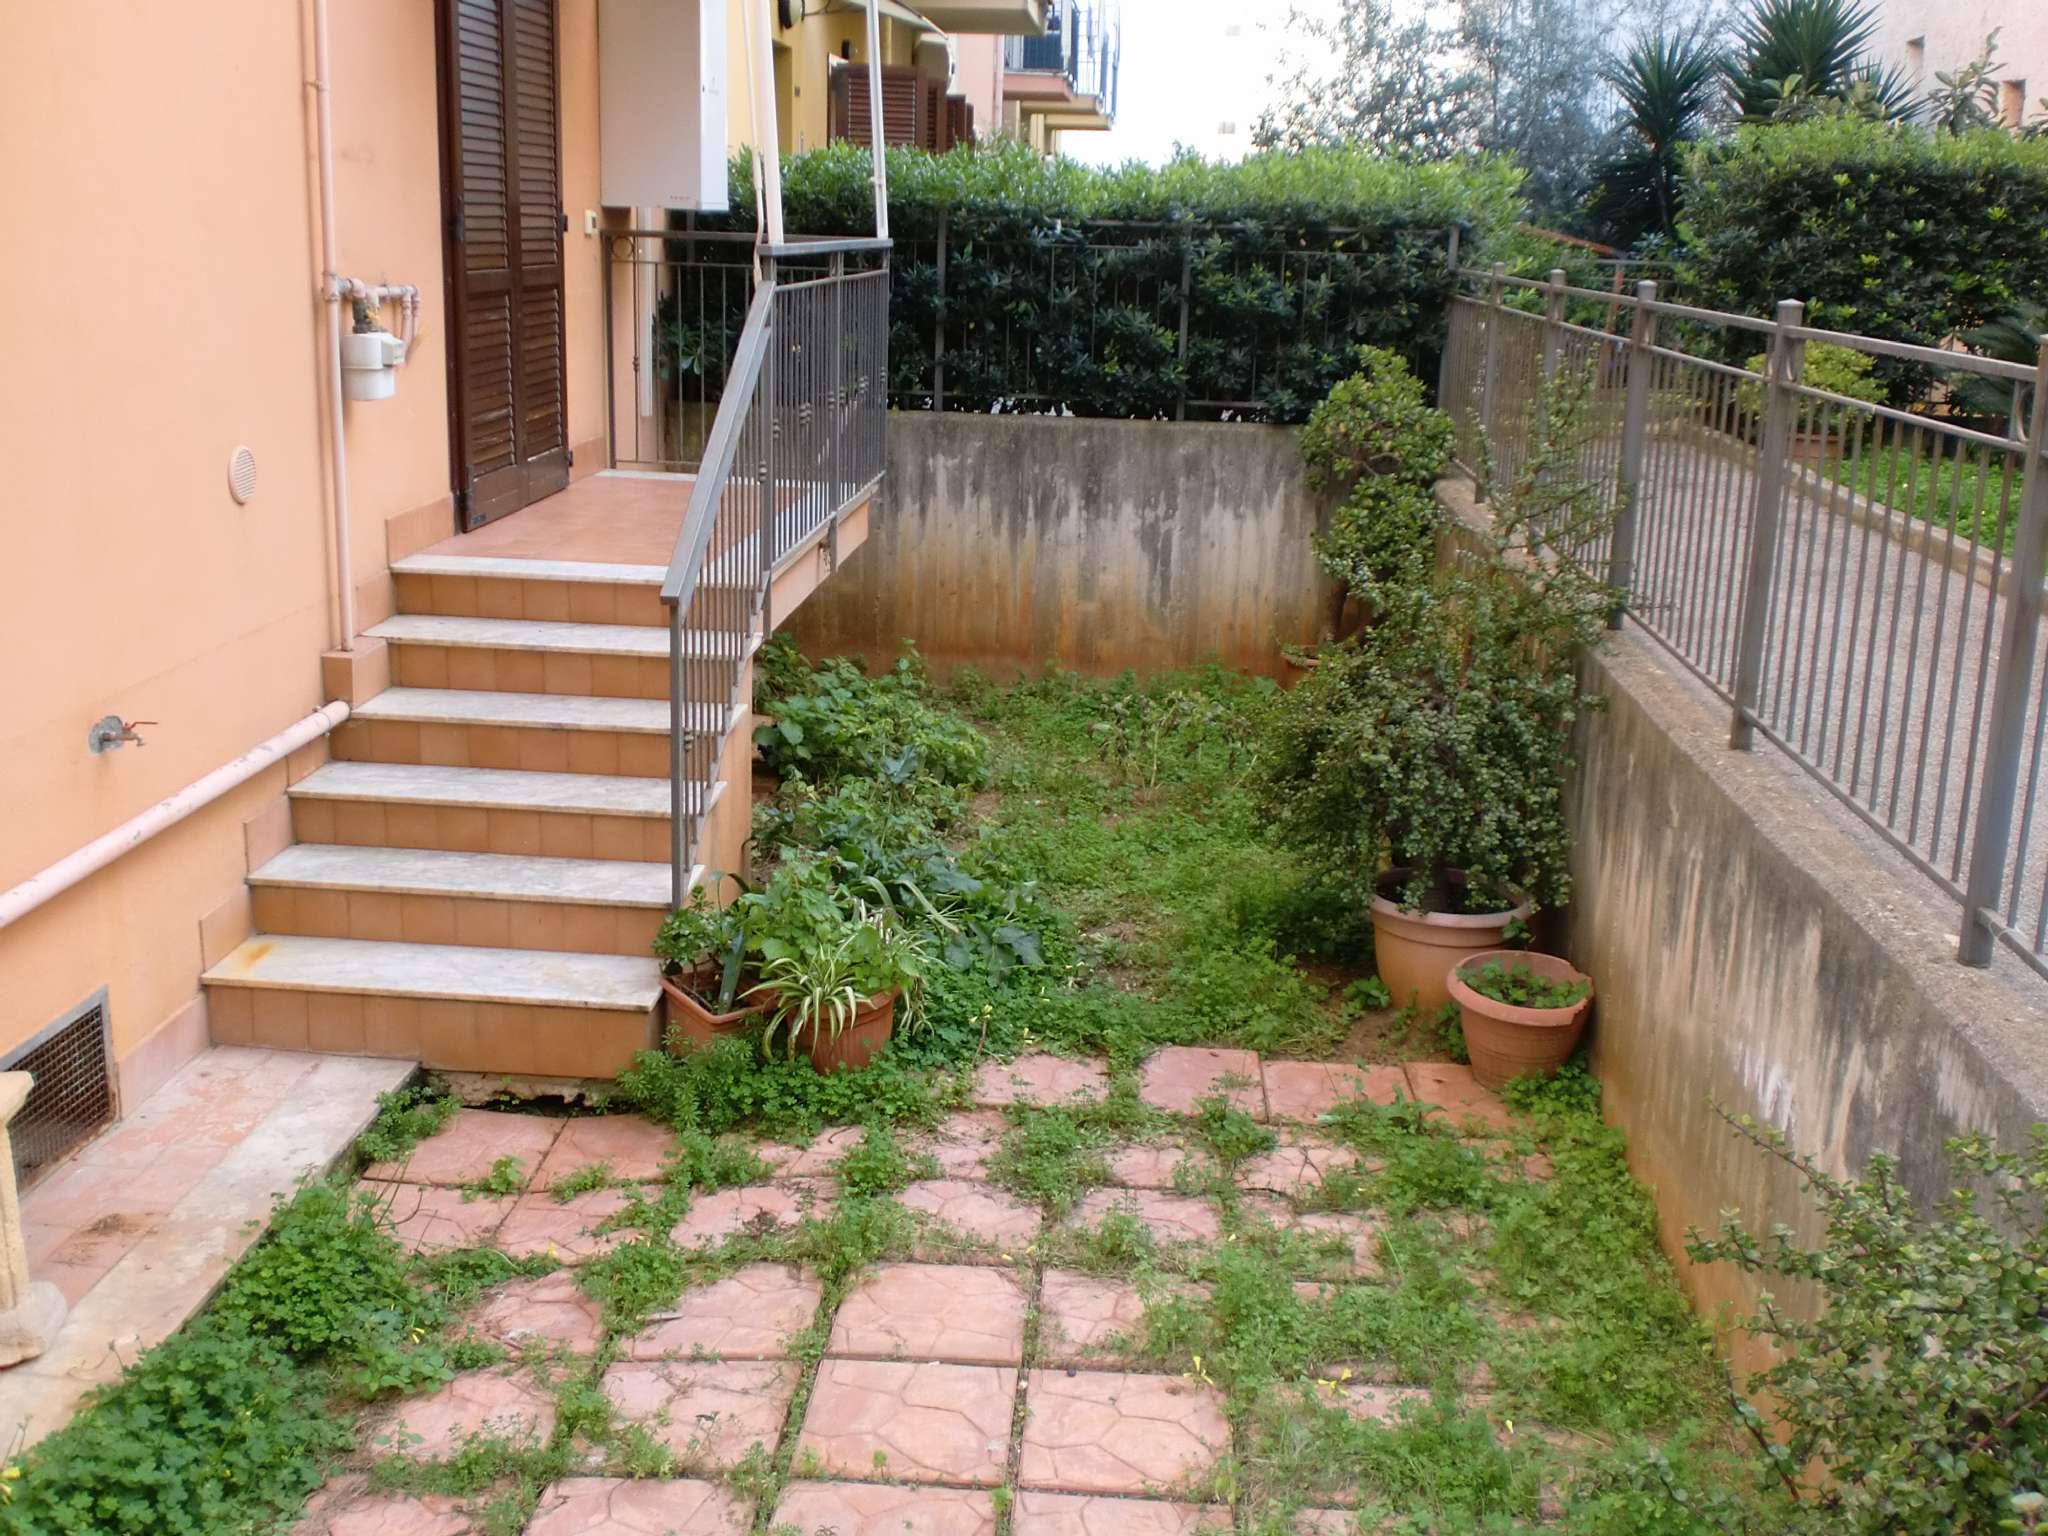 Appartamento in vendita a Santa Flavia, 4 locali, prezzo € 180.000 | PortaleAgenzieImmobiliari.it